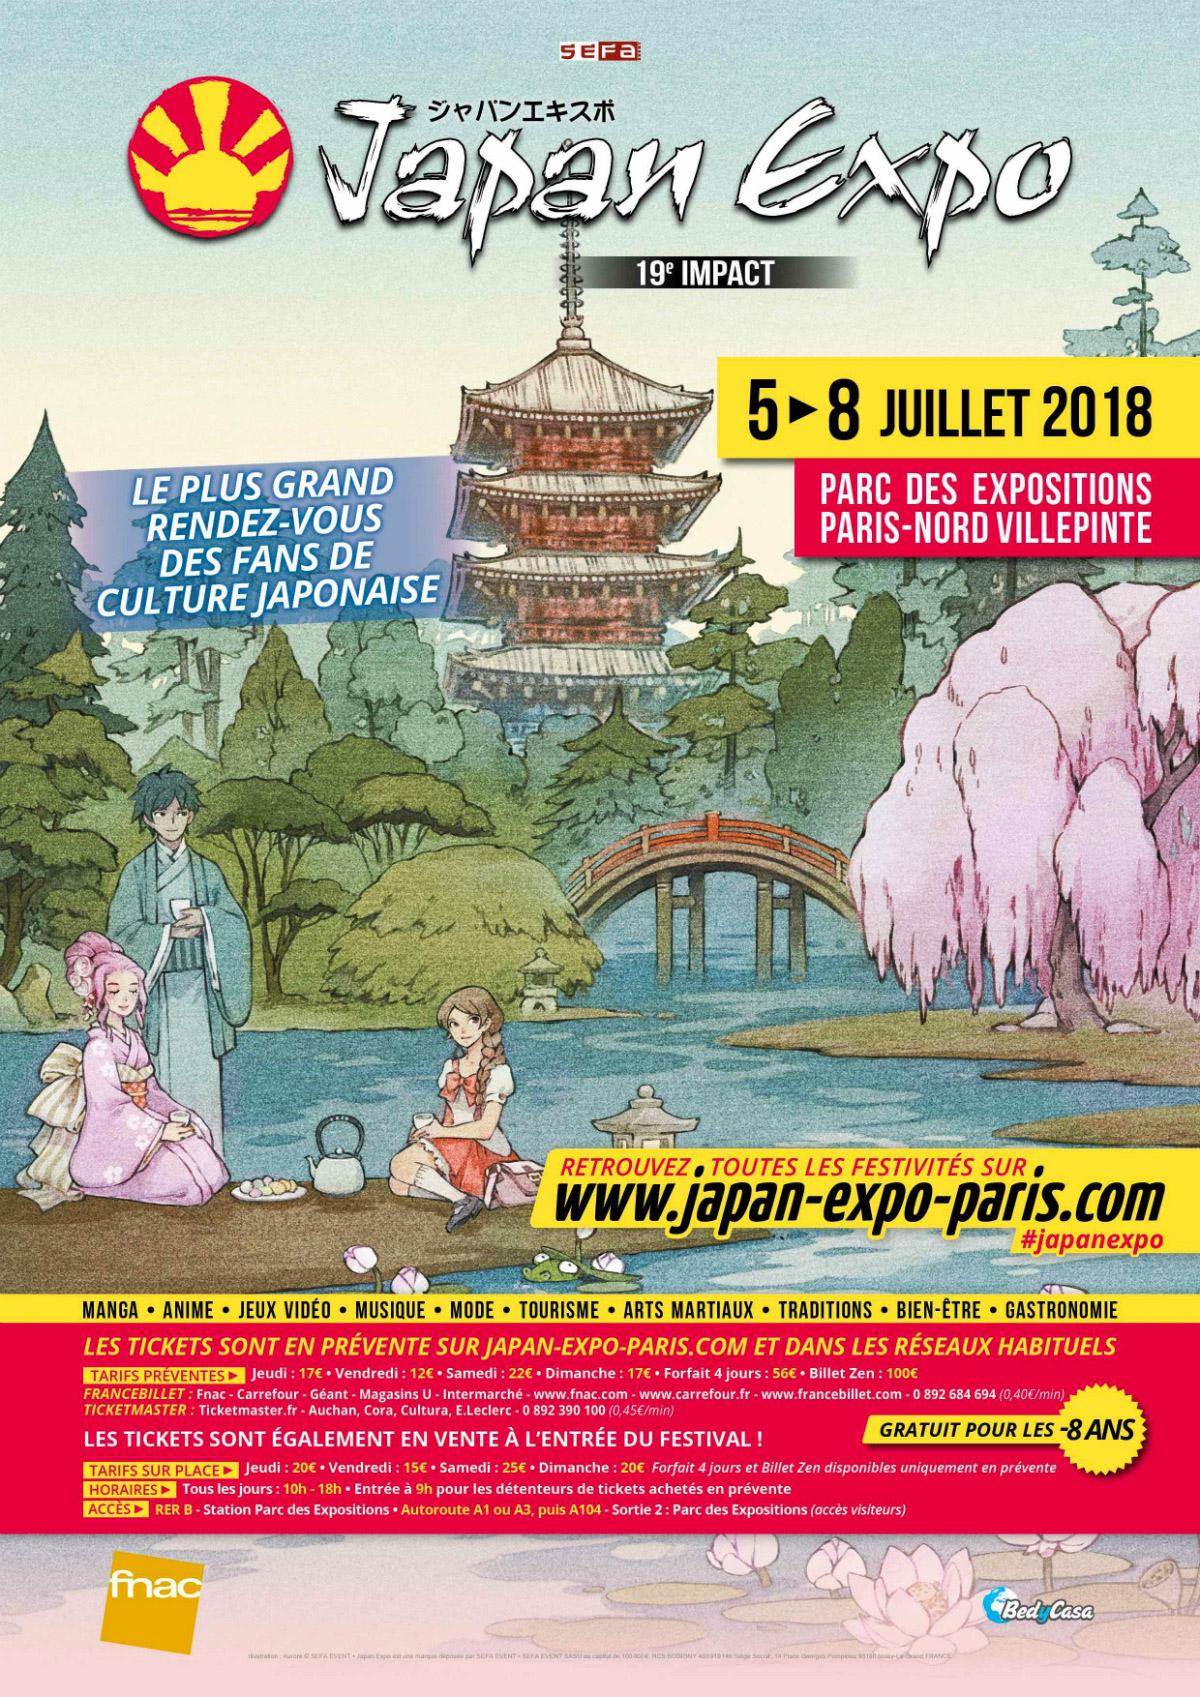 """Résultat de recherche d'images pour """"japan expo 2018 paris affiche"""""""